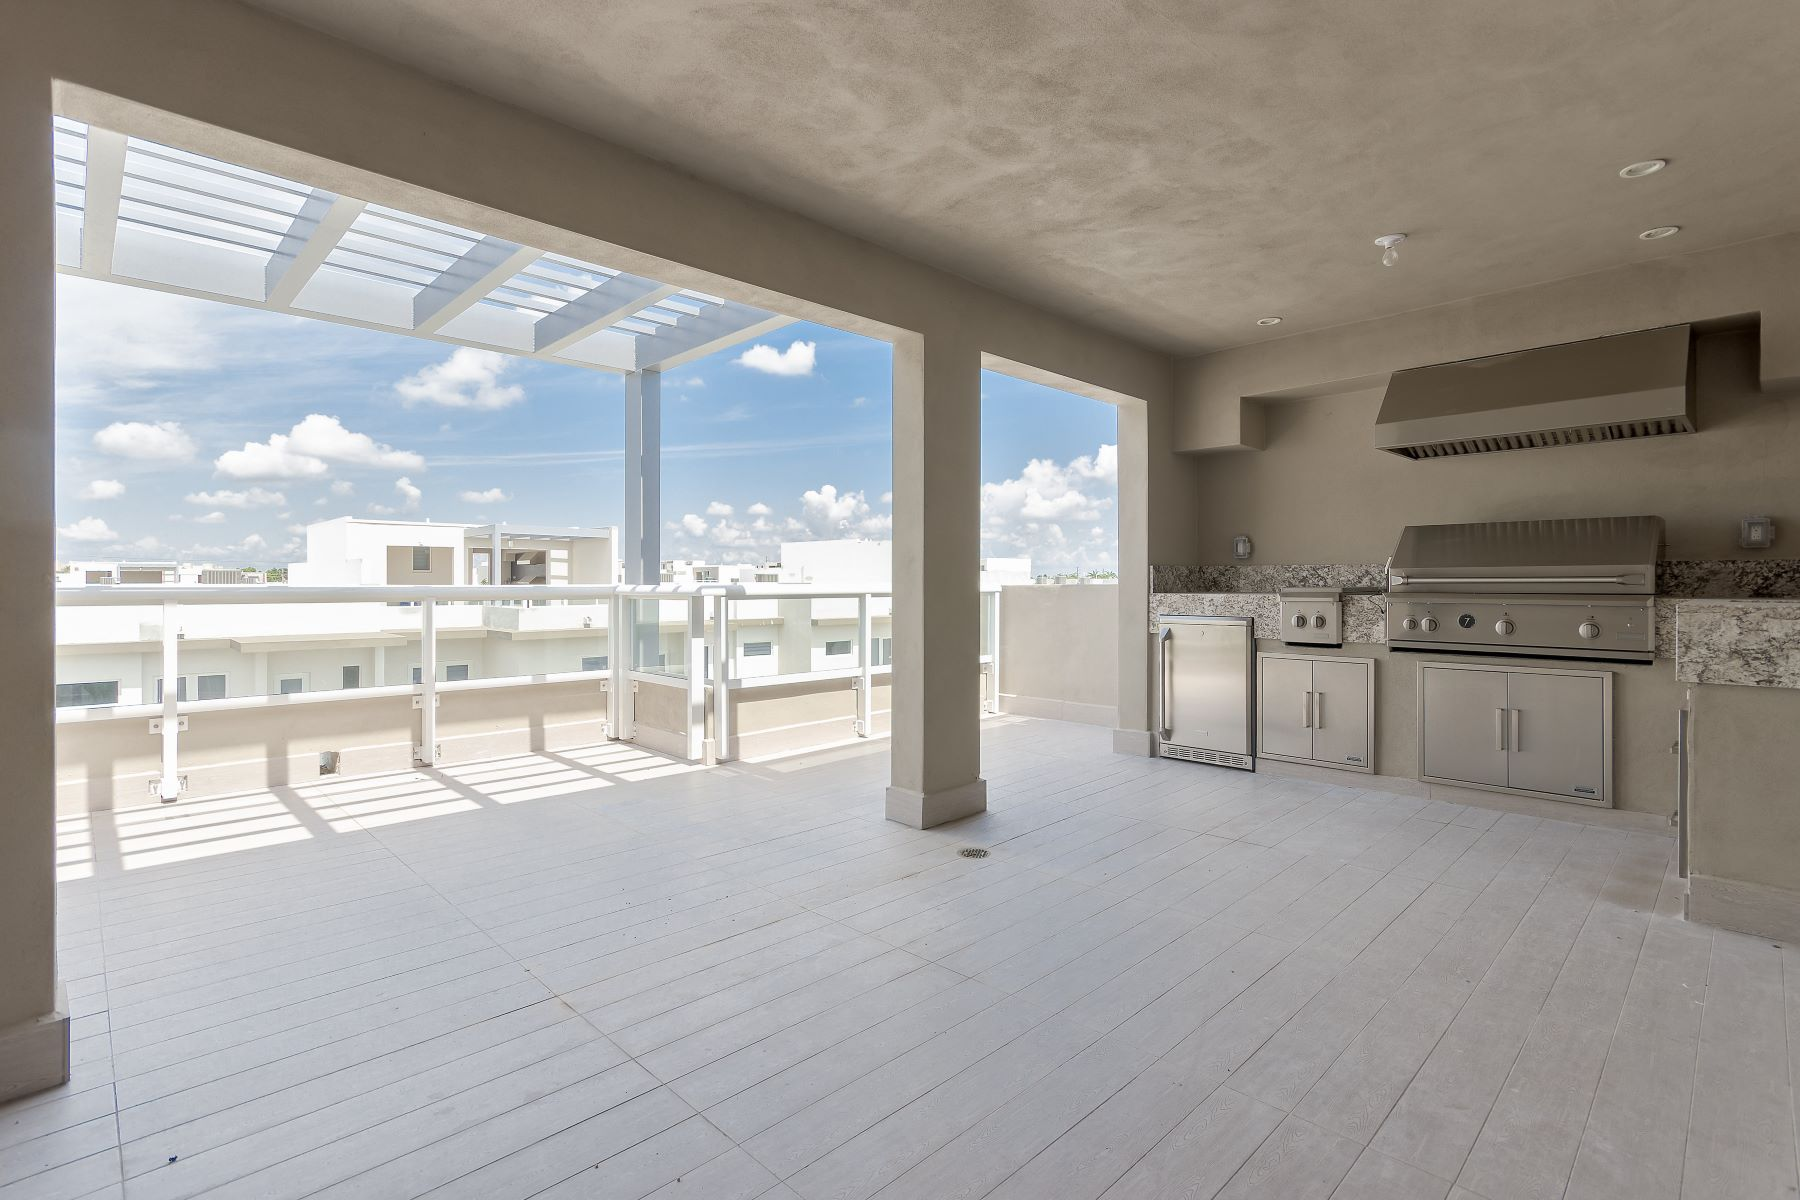 townhouses für Verkauf beim 6457 Nw 103rd Psge 6457, Doral, Florida 33178 Vereinigte Staaten